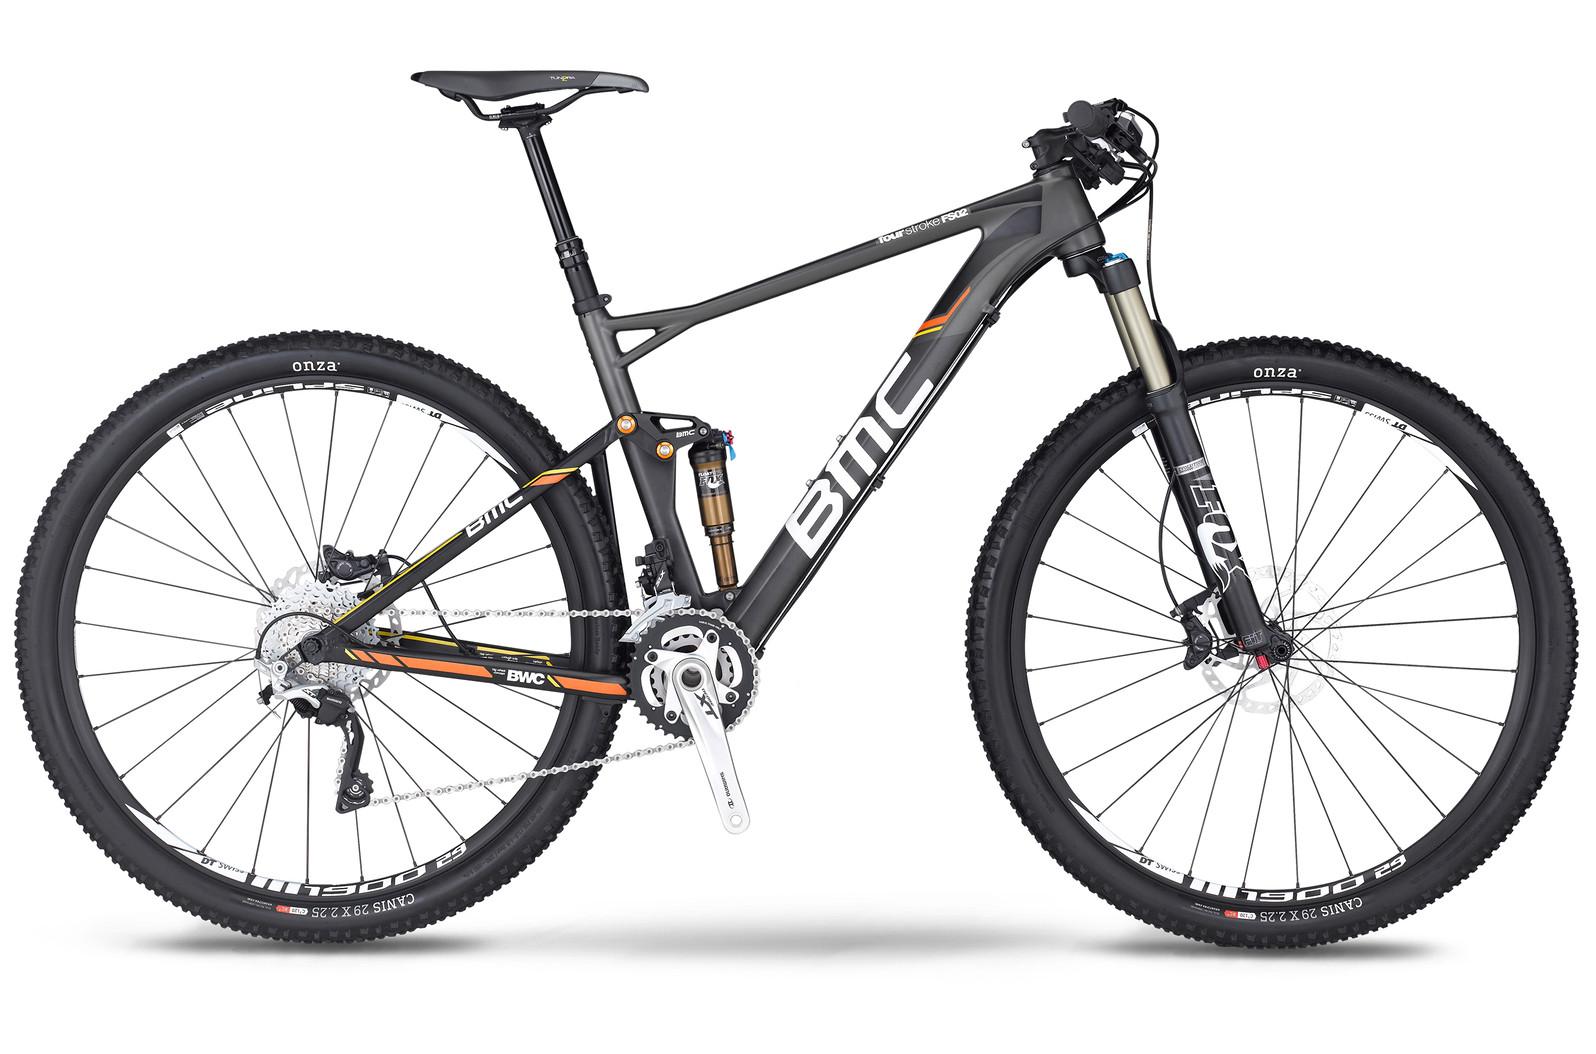 bike - 2014 BMC Fourstroke FS02 29 with XT-SLX-Trailcrew